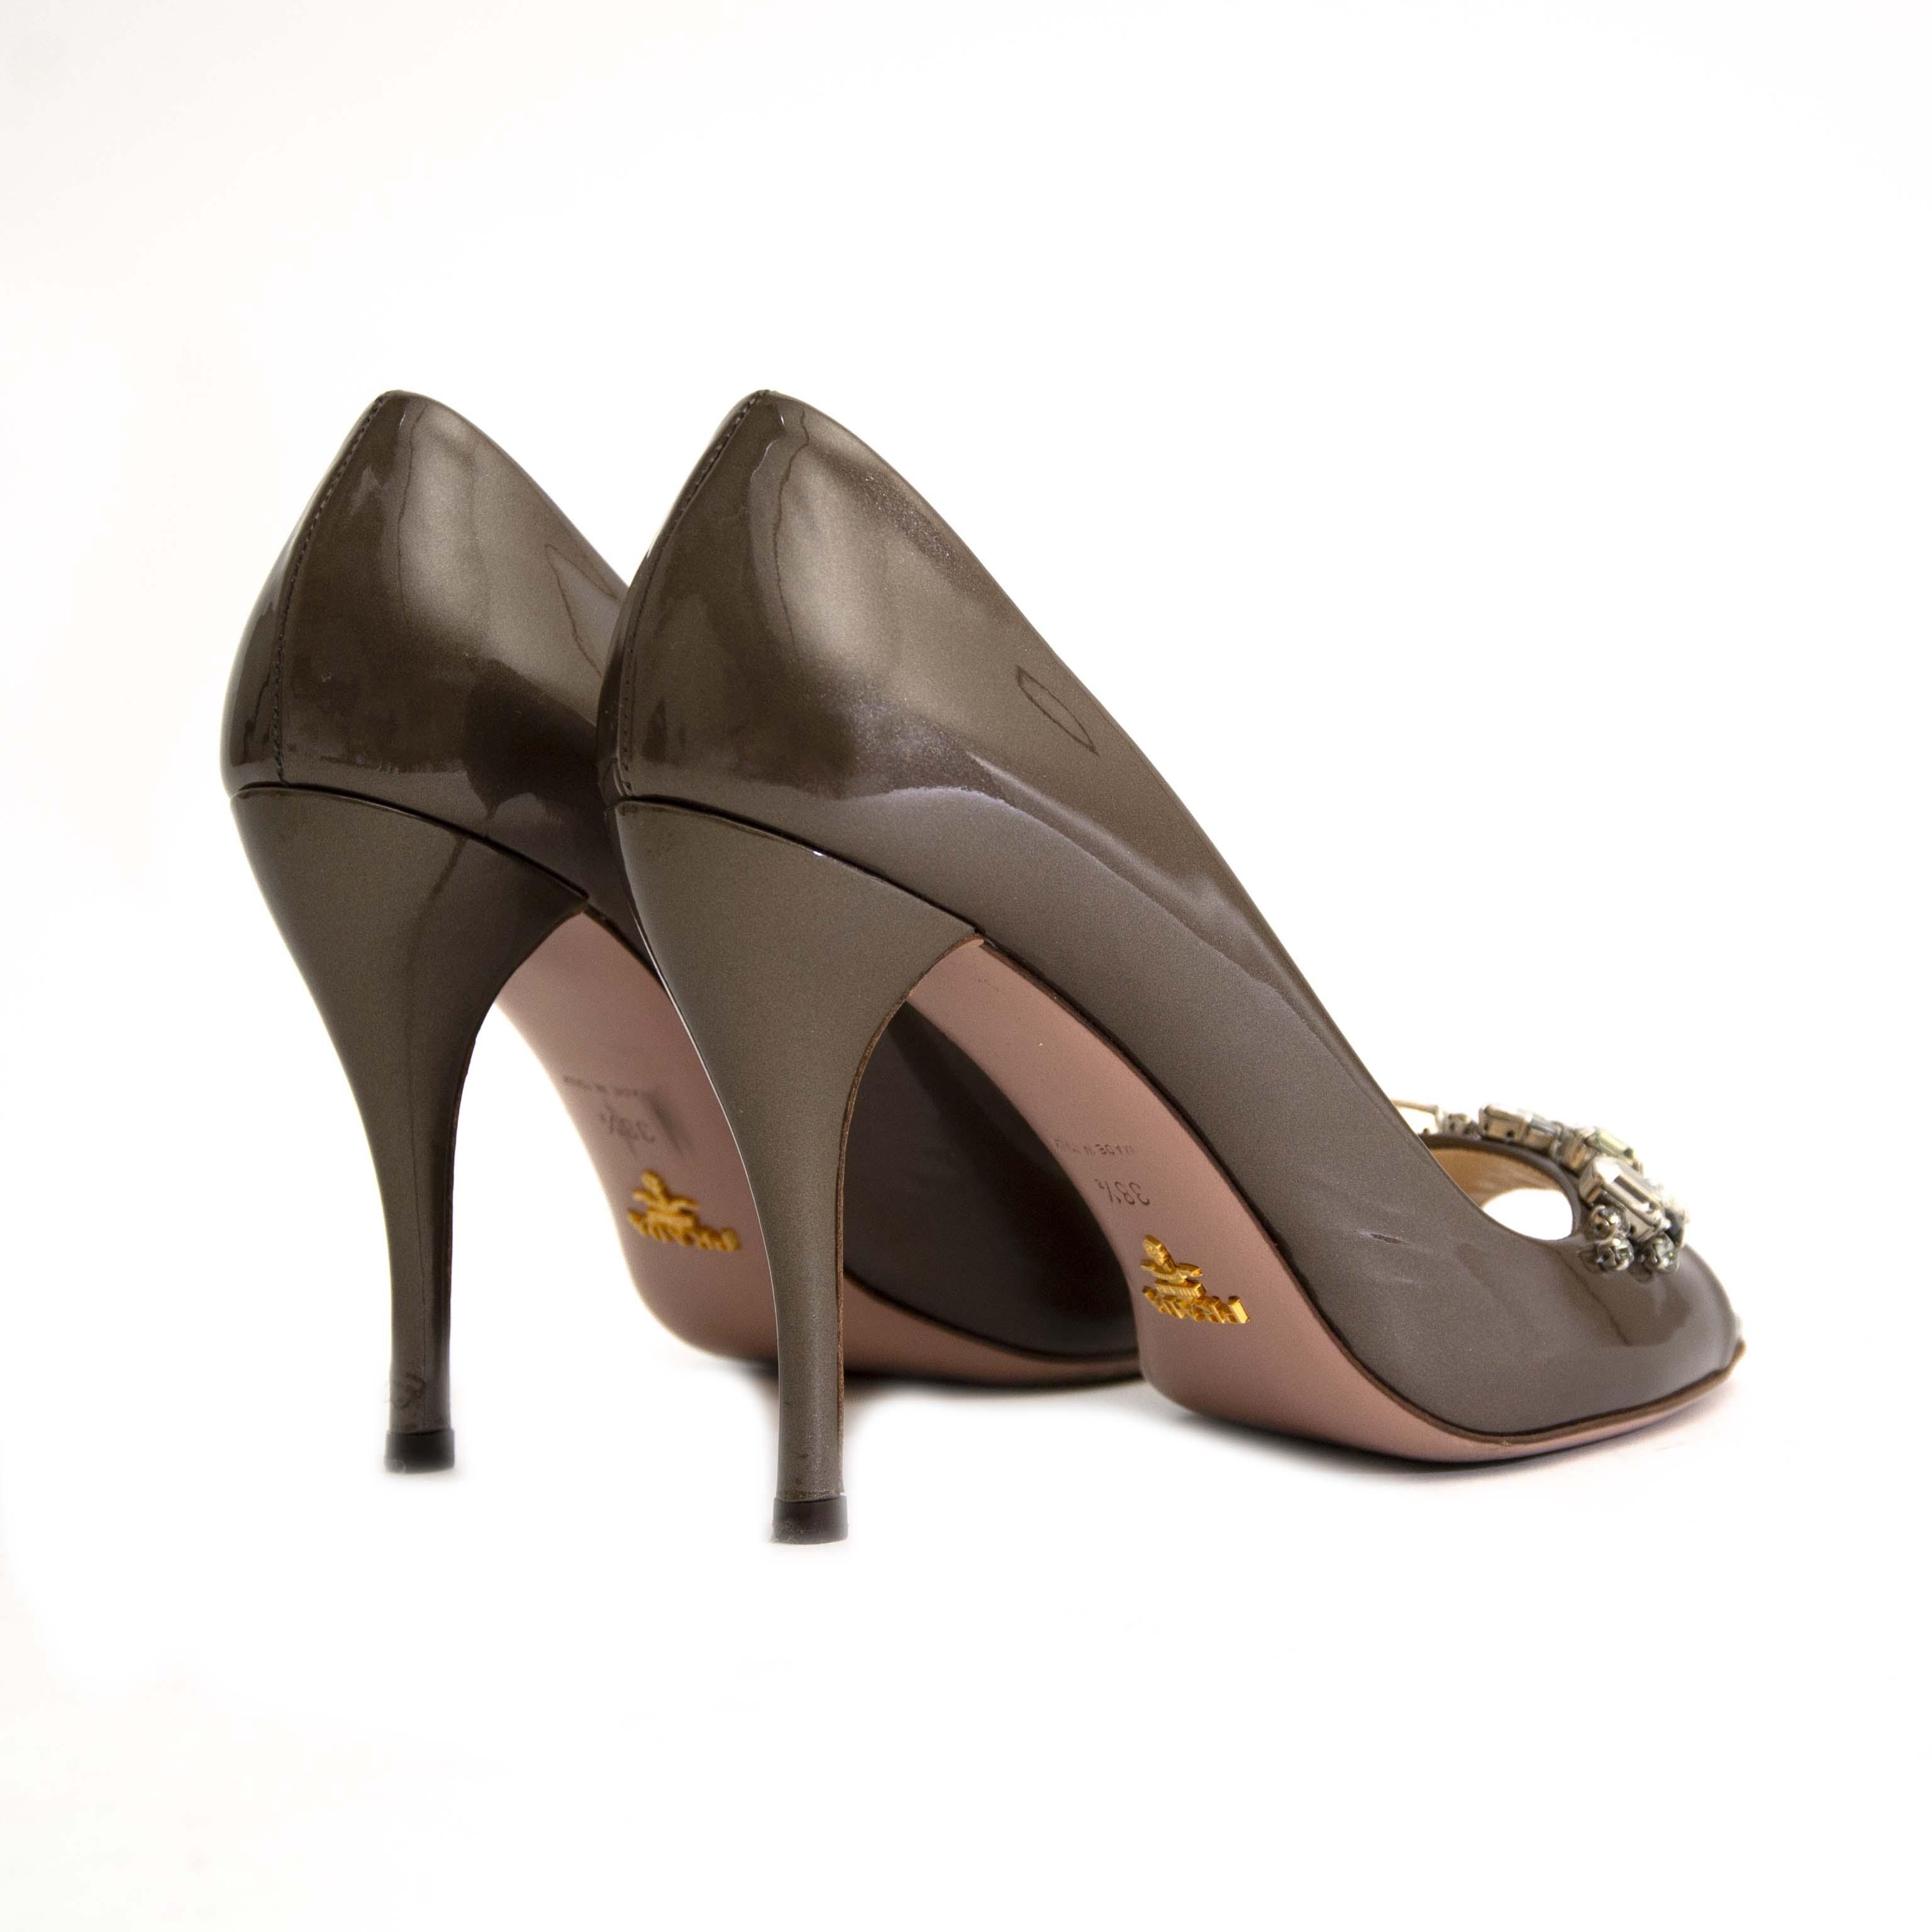 op zoek naar Prada Brown Peep-Toe pumps? Nu te koop bij labellov.com tegen de beste prijs